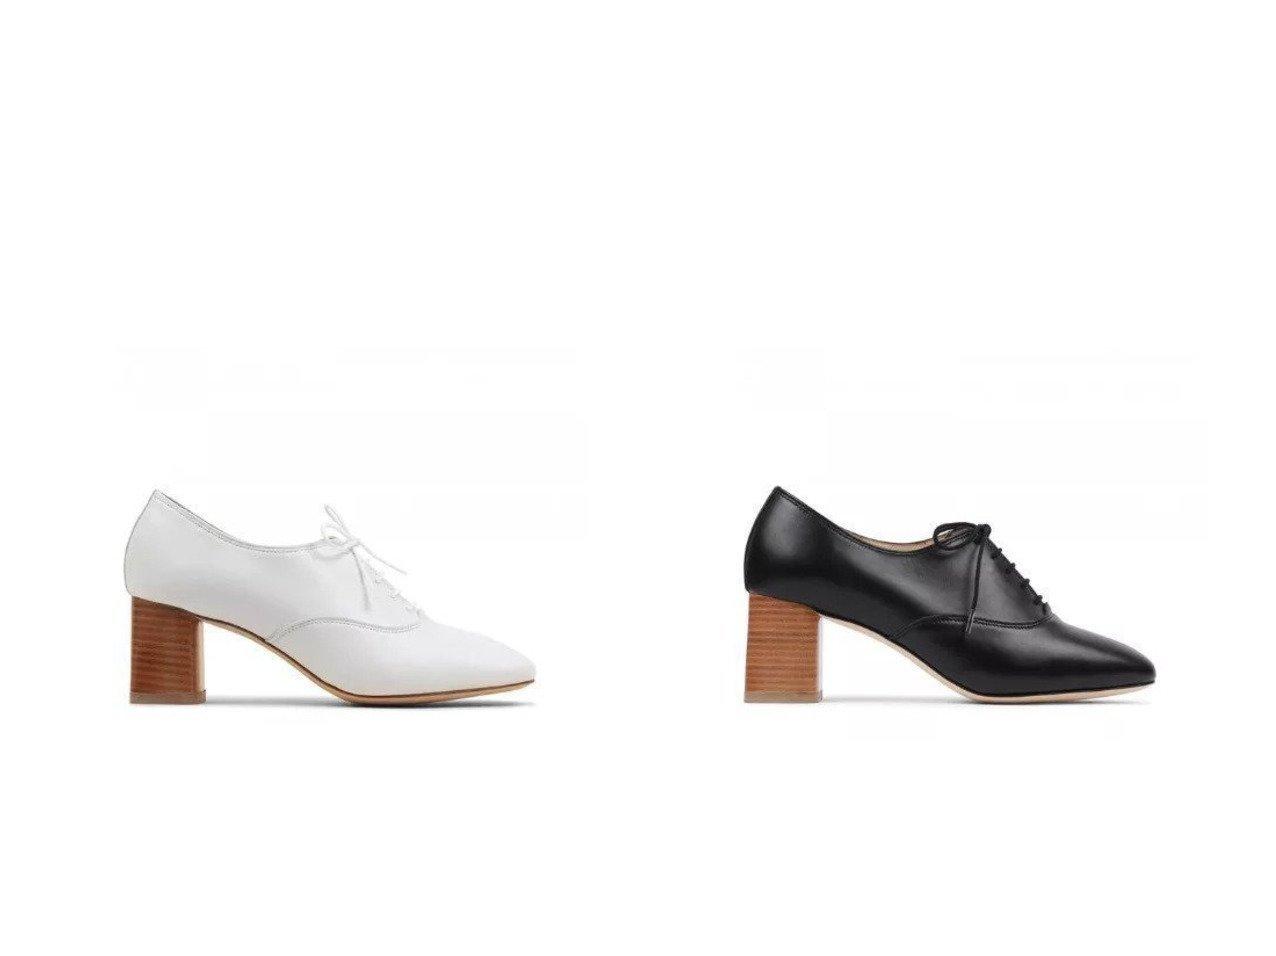 【repetto/レペット】のRudy oxford shoes&Rudy oxford shoes 【シューズ・靴】おすすめ!人気、トレンド・レディースファッションの通販 おすすめで人気の流行・トレンド、ファッションの通販商品 メンズファッション・キッズファッション・インテリア・家具・レディースファッション・服の通販 founy(ファニー) https://founy.com/ ファッション Fashion レディースファッション WOMEN クラシカル シューズ フォルム マニッシュ |ID:crp329100000028389